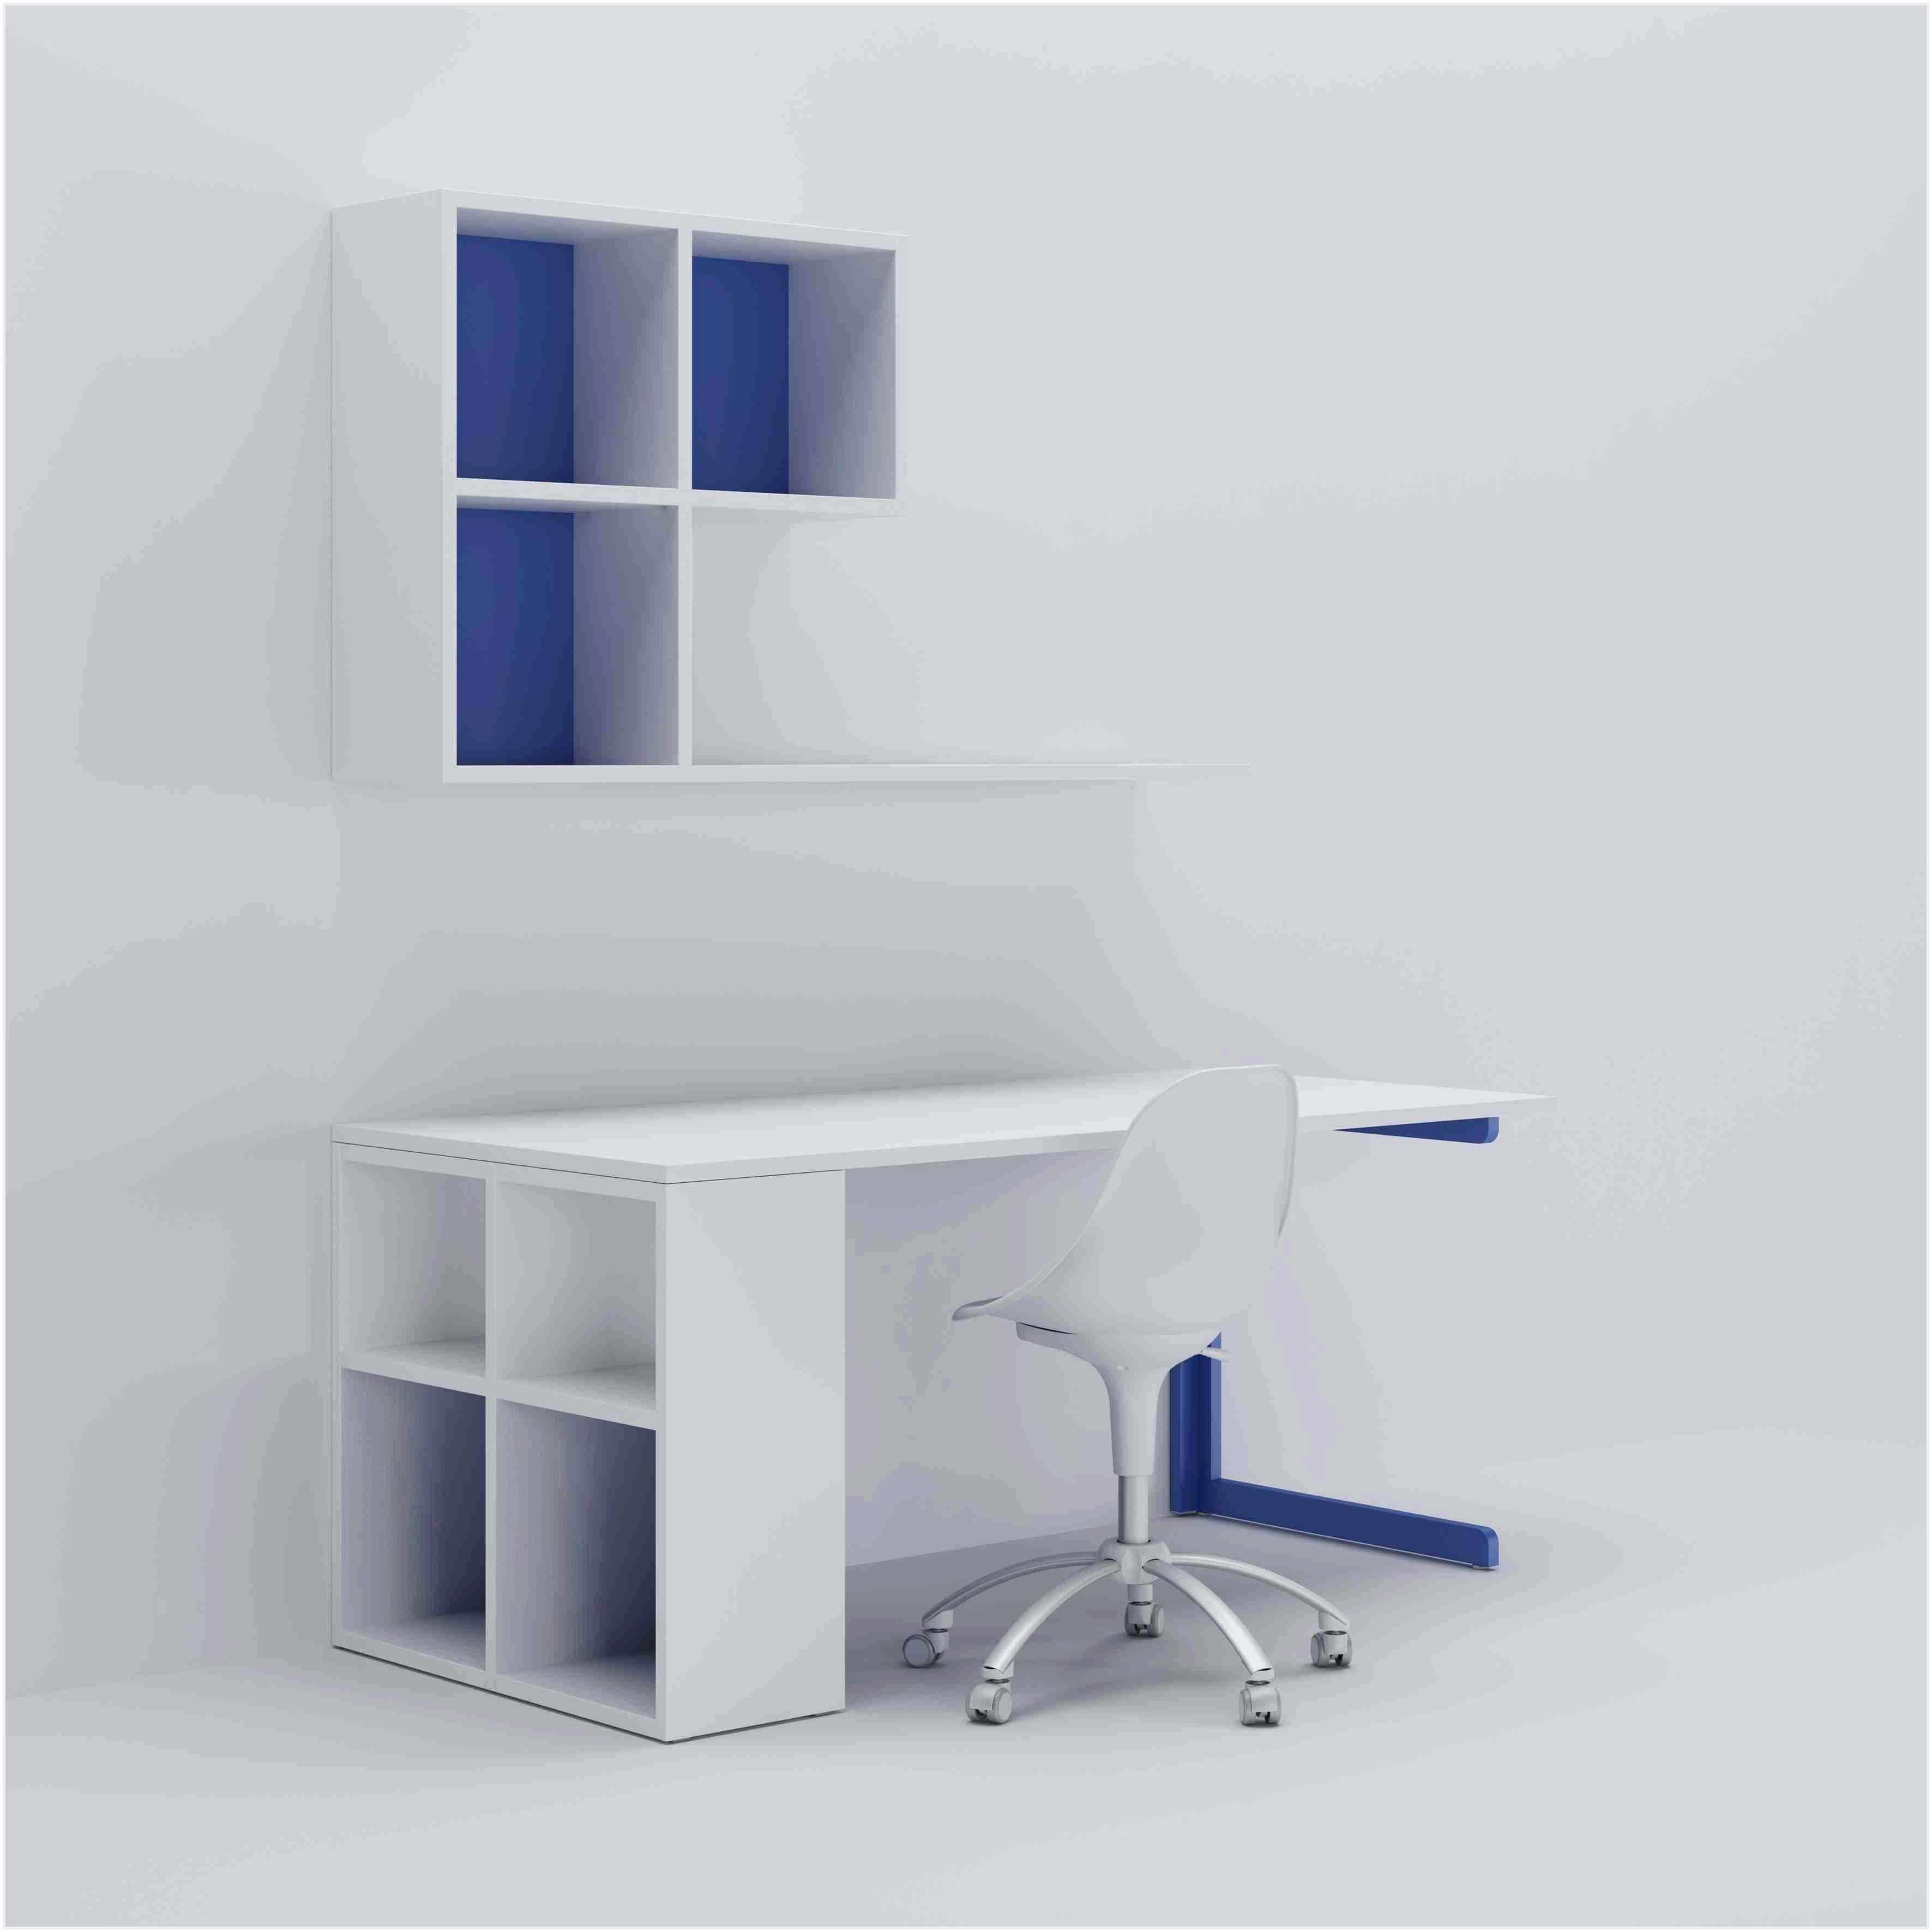 Armoire Lit Escamotable Ikea Inspiré Le Meilleur De Elegant Bureau Escamotable Mural Pour Meilleur